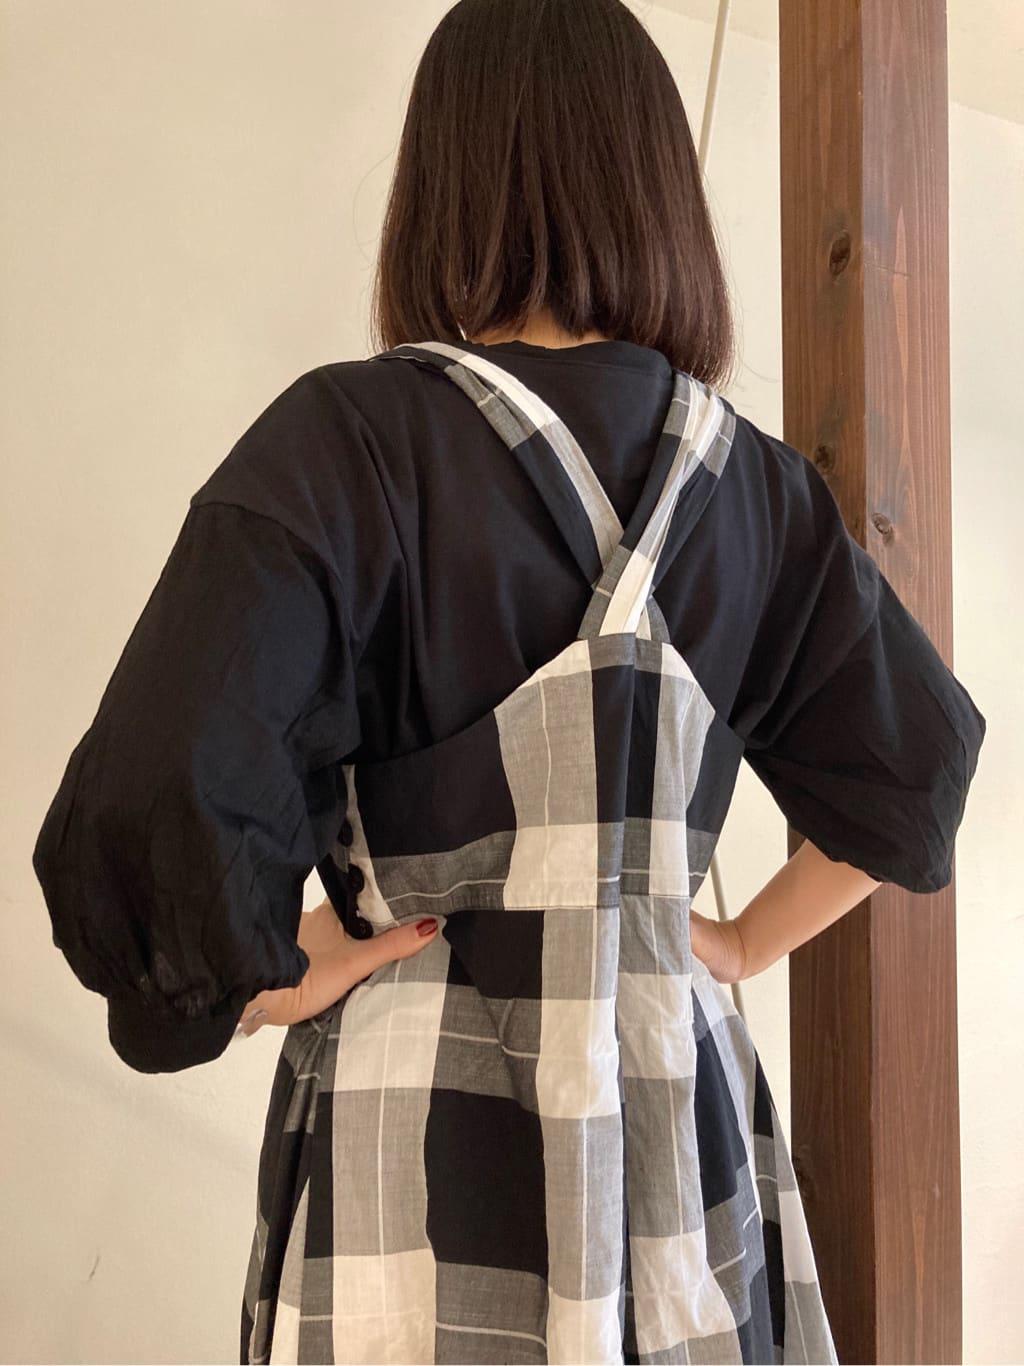 yuni 京都路面 身長:152cm 2021.06.18